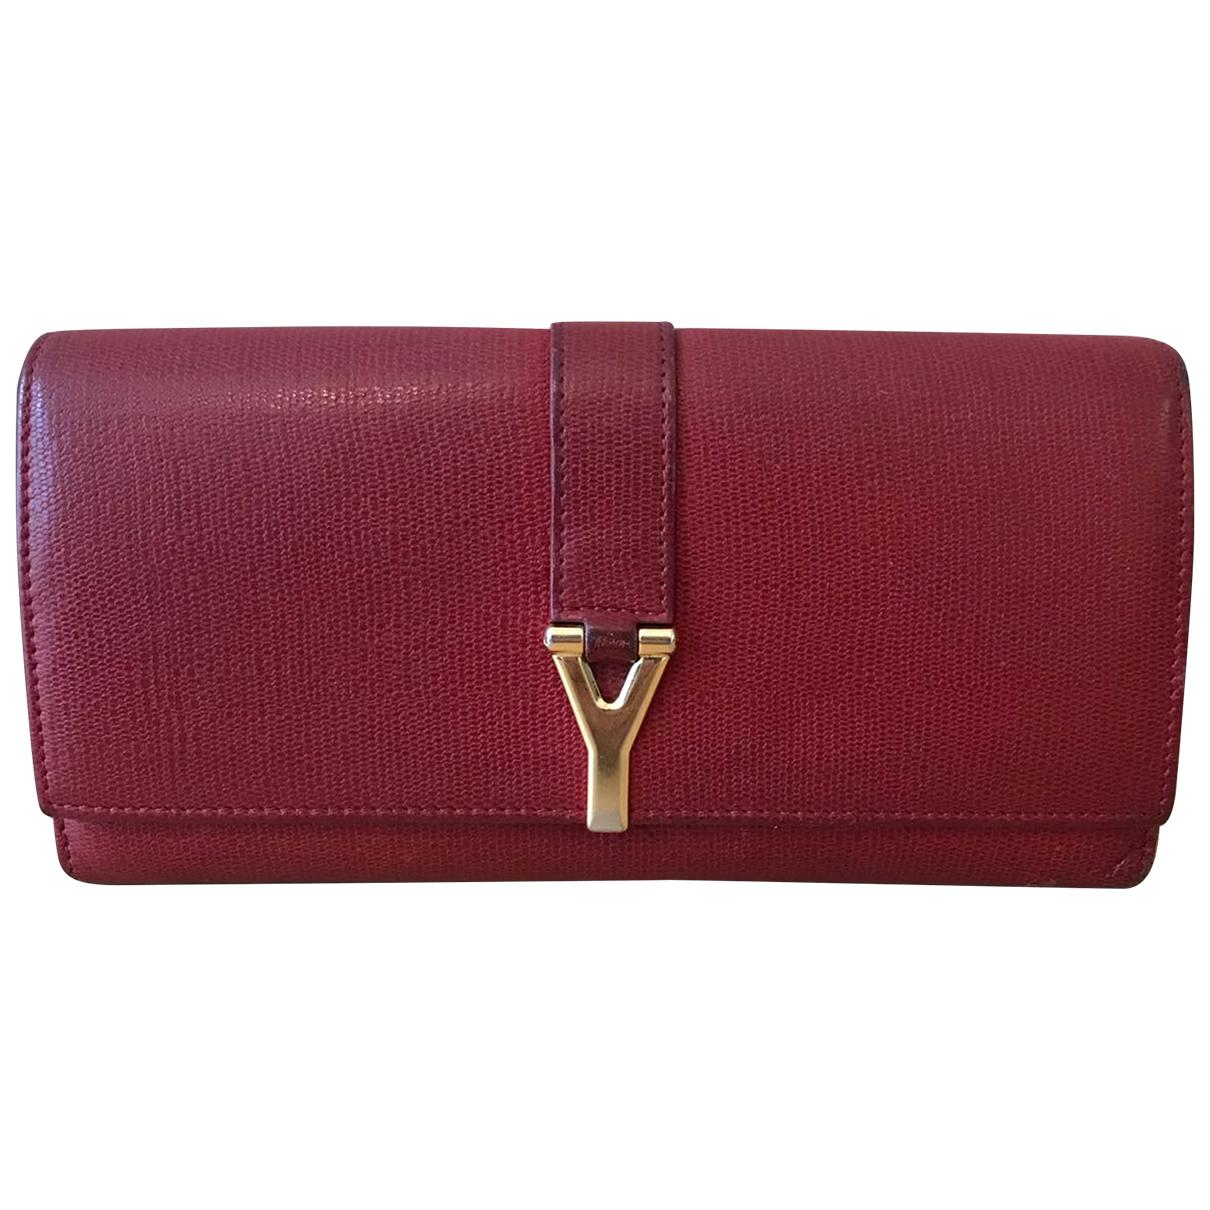 Yves Saint Laurent \N Portemonnaie in  Rot Leder